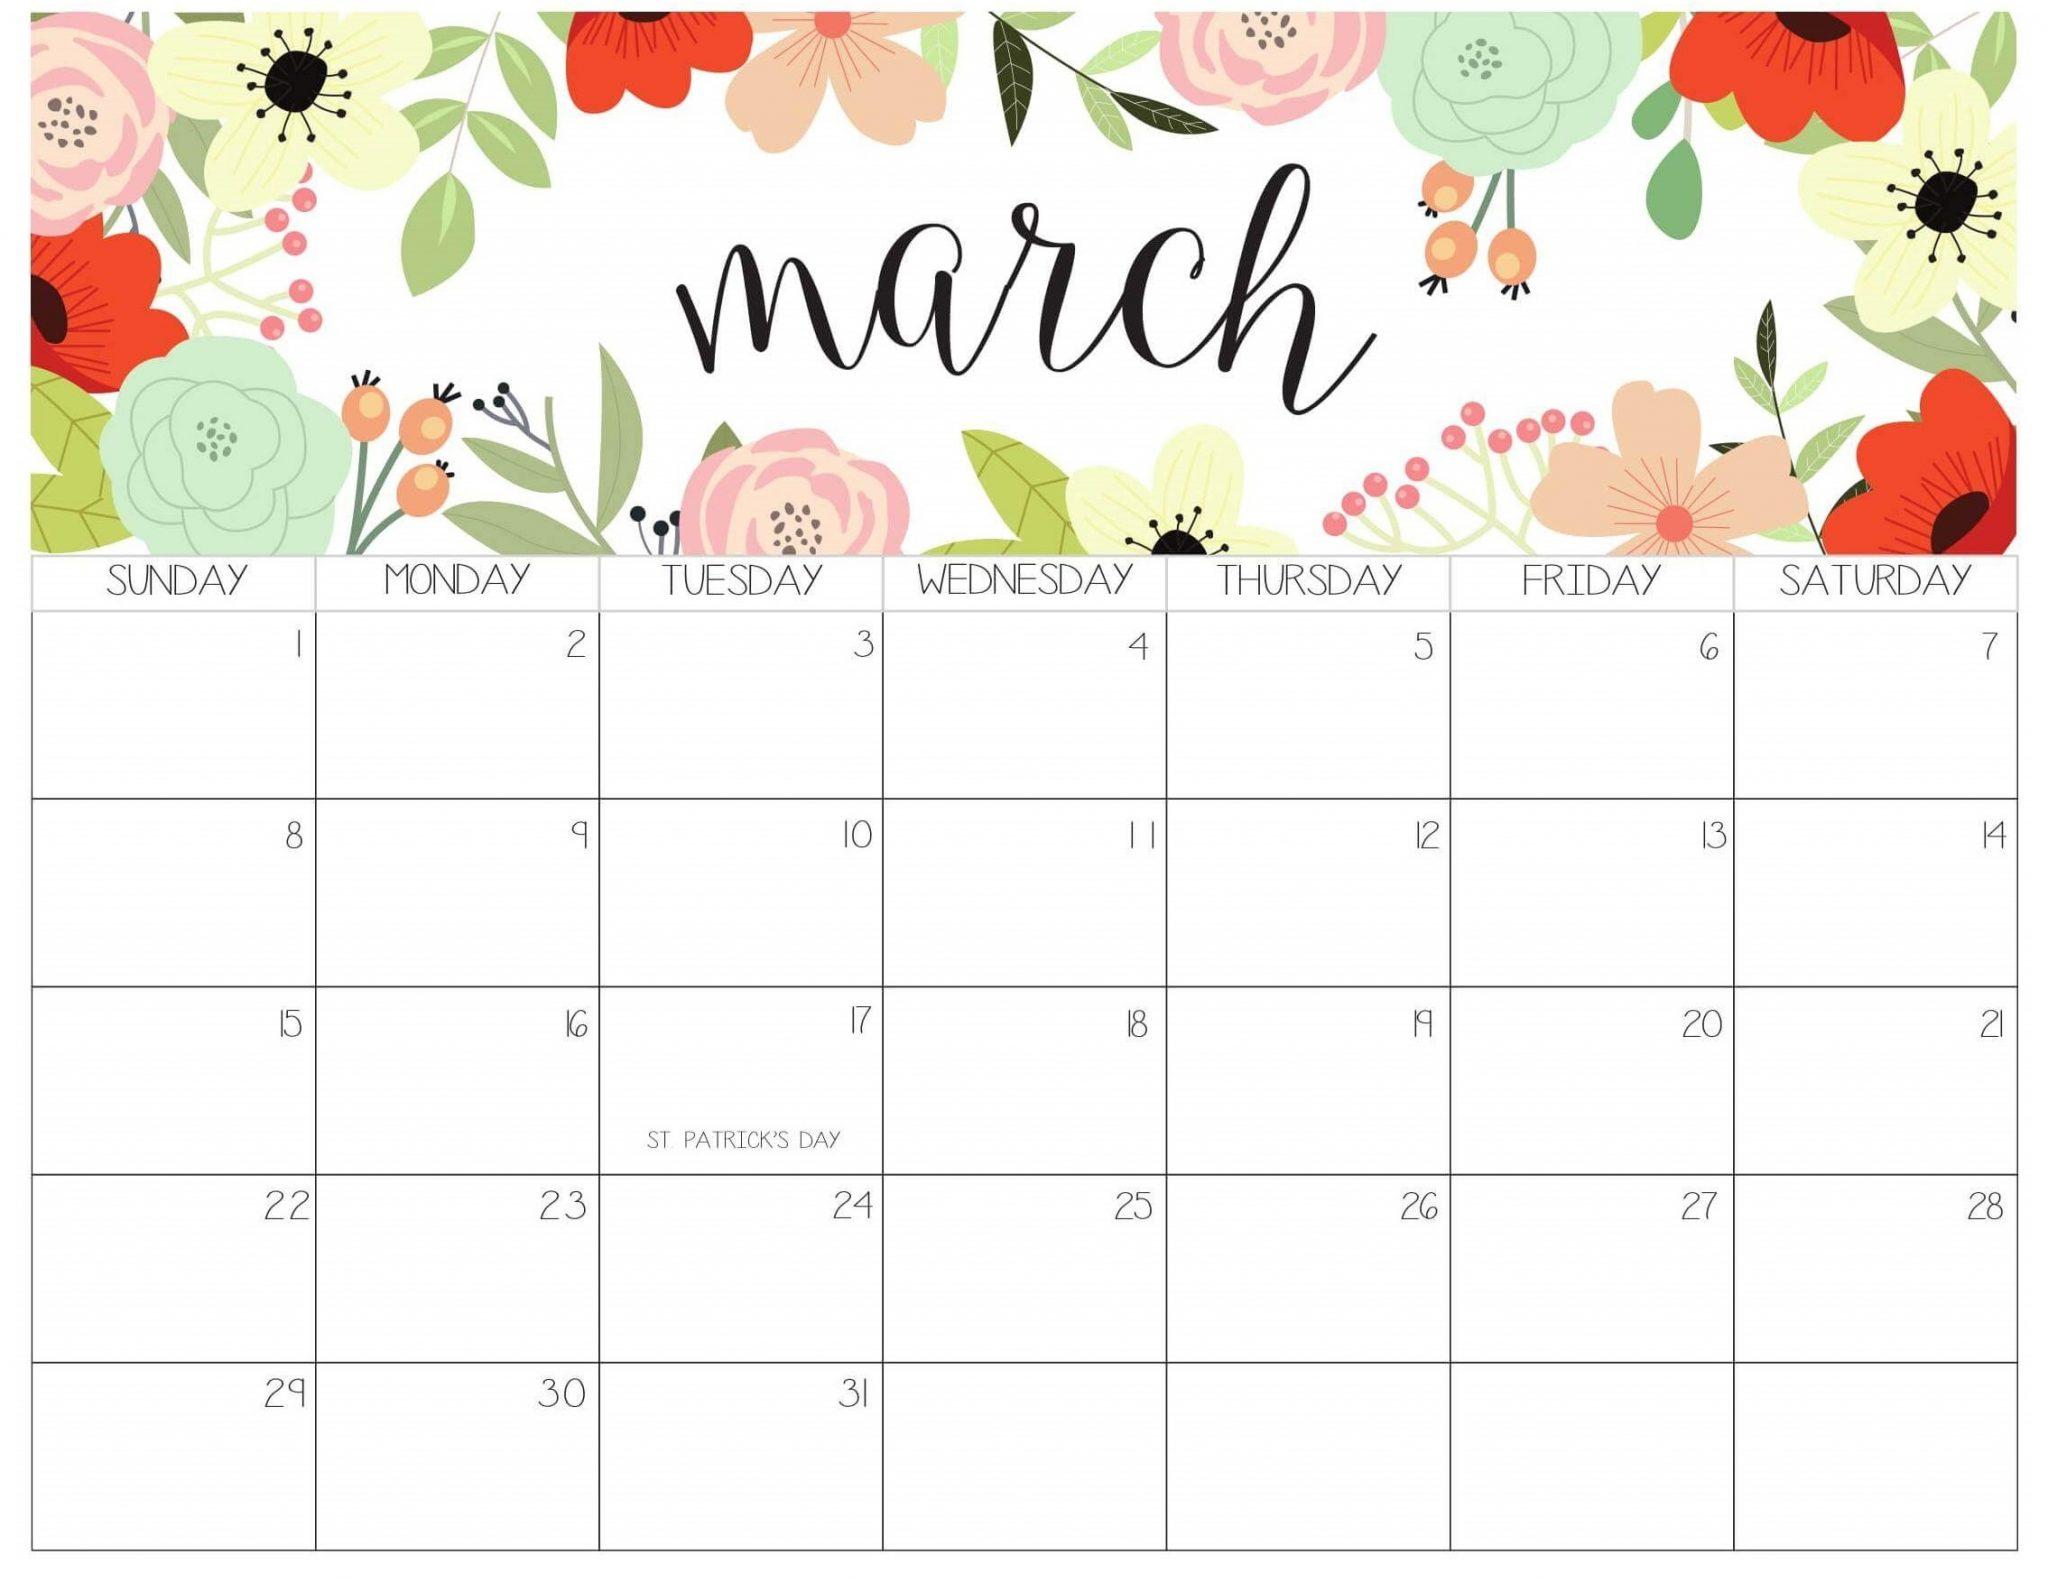 March 2020 Office Desk Calendar | Calendar 2019